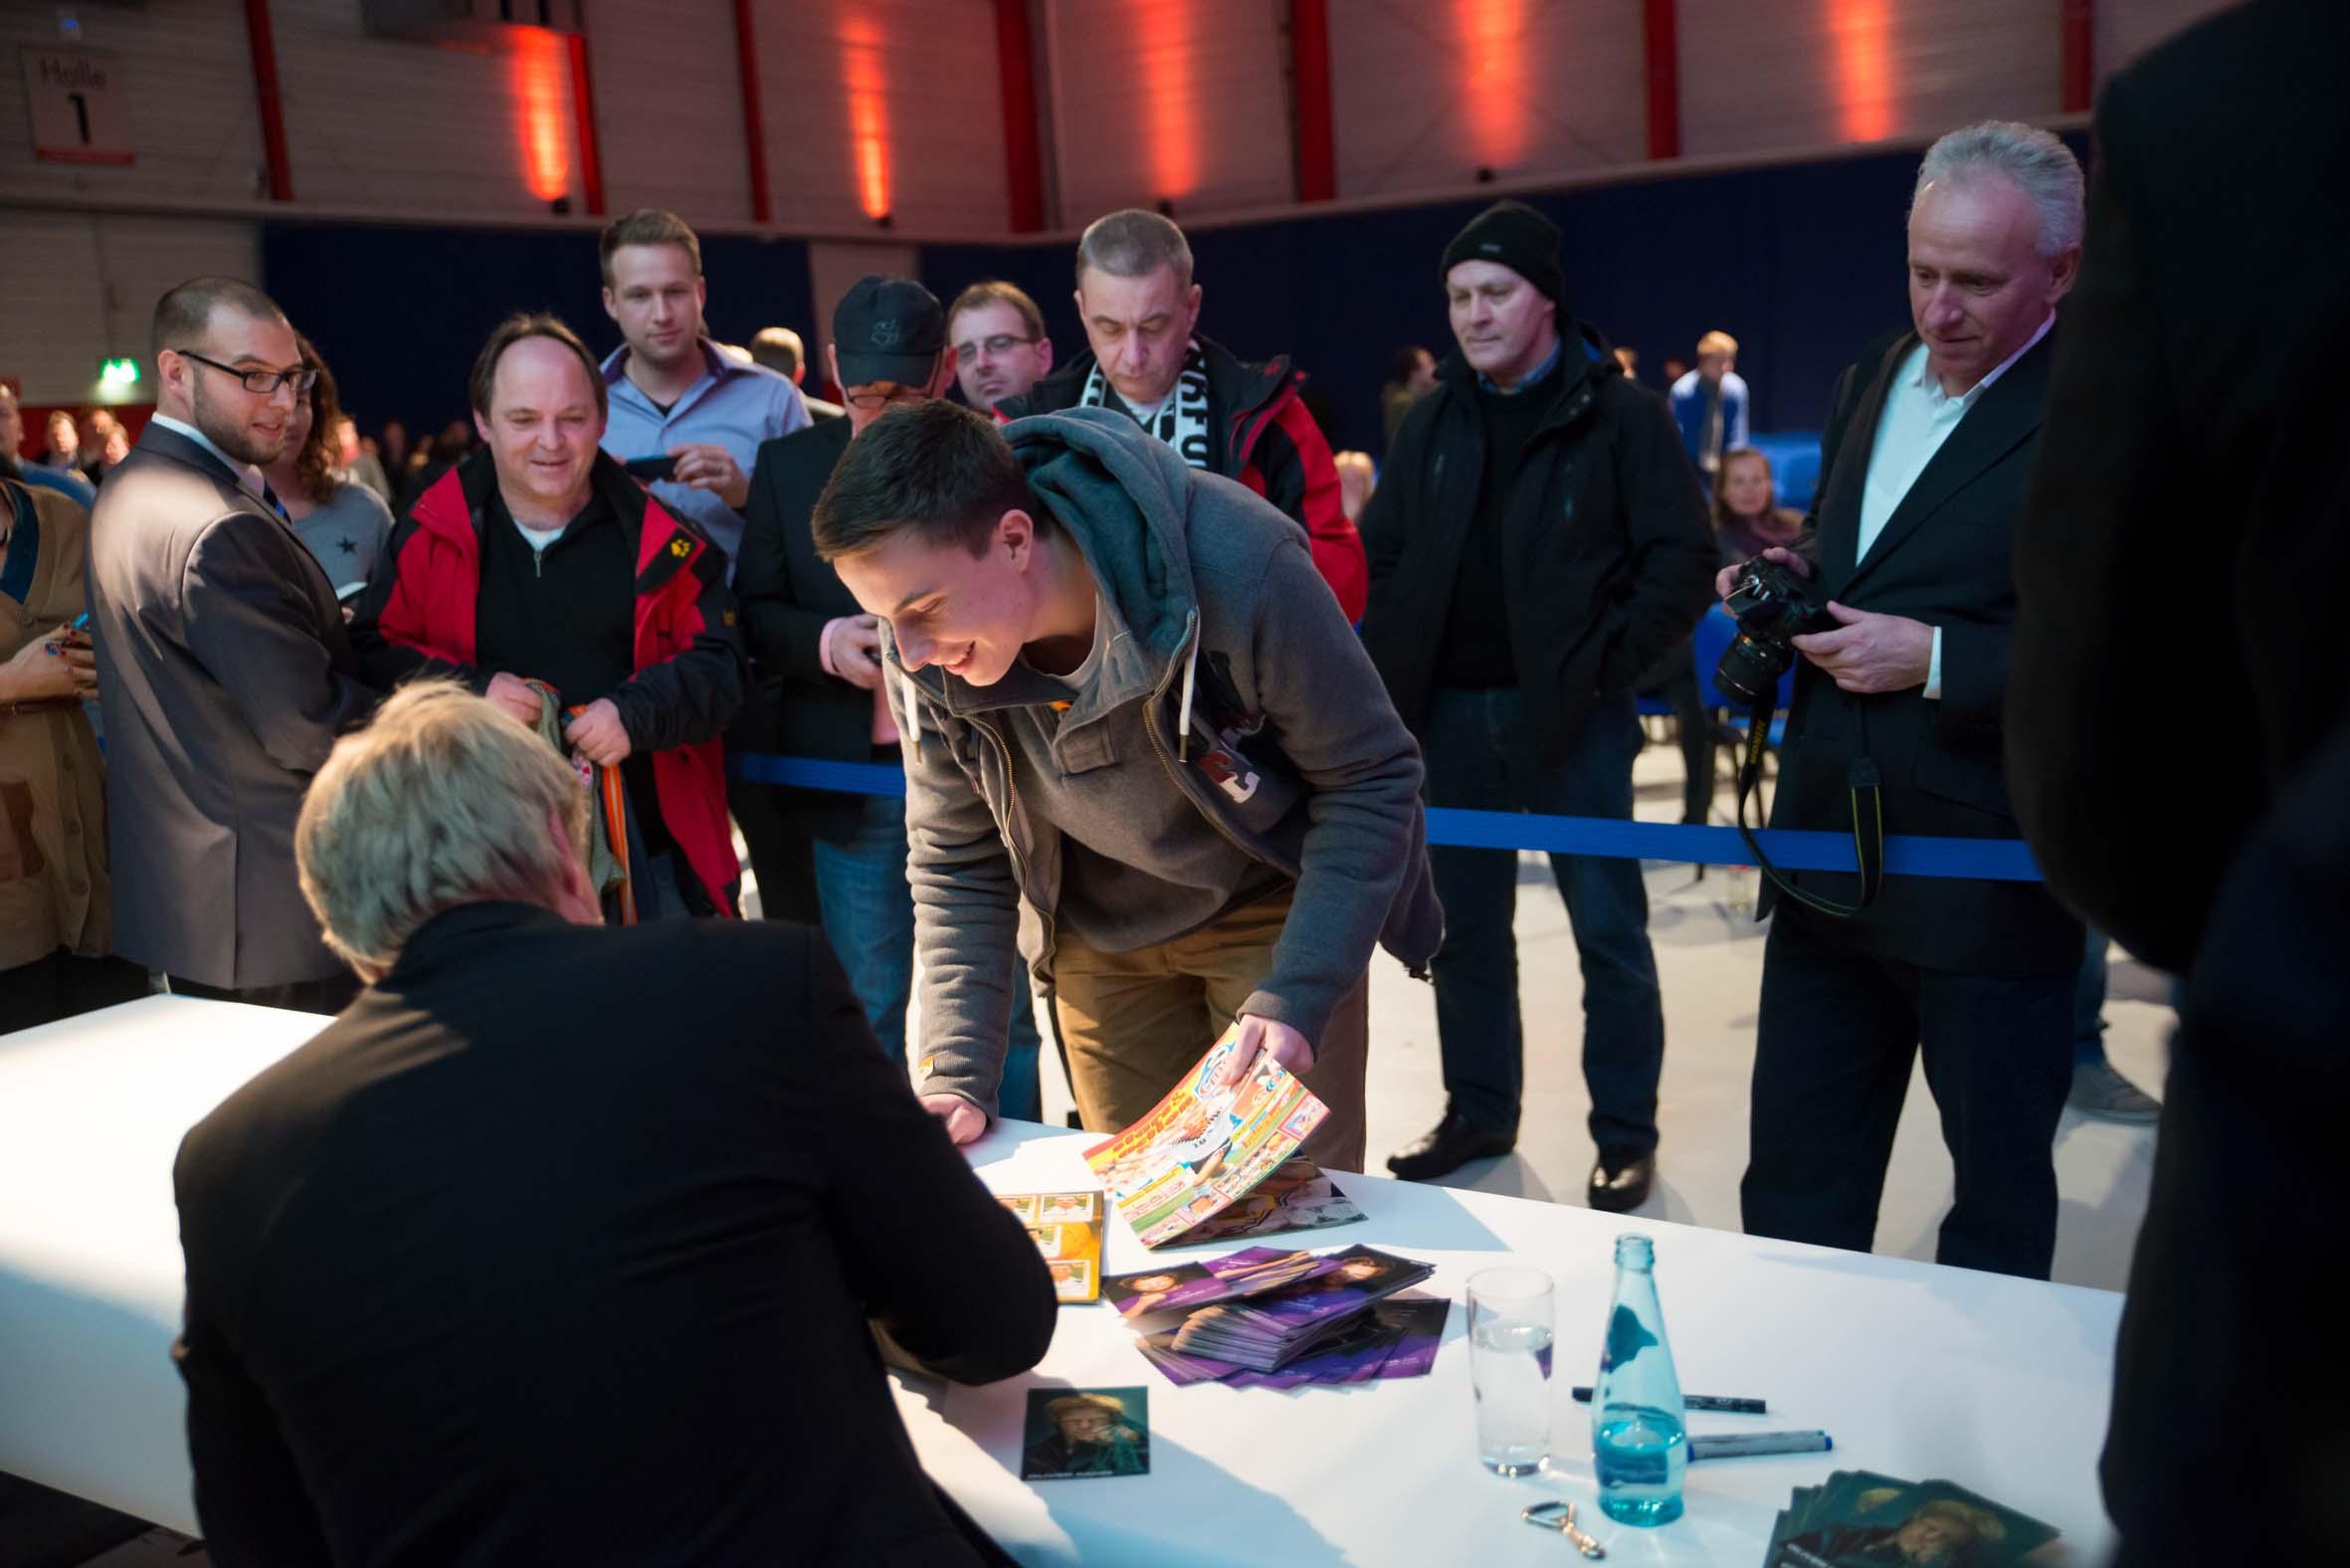 Bildergalerie Mitgliederversammlung 2015 in Gießen, Bild 73